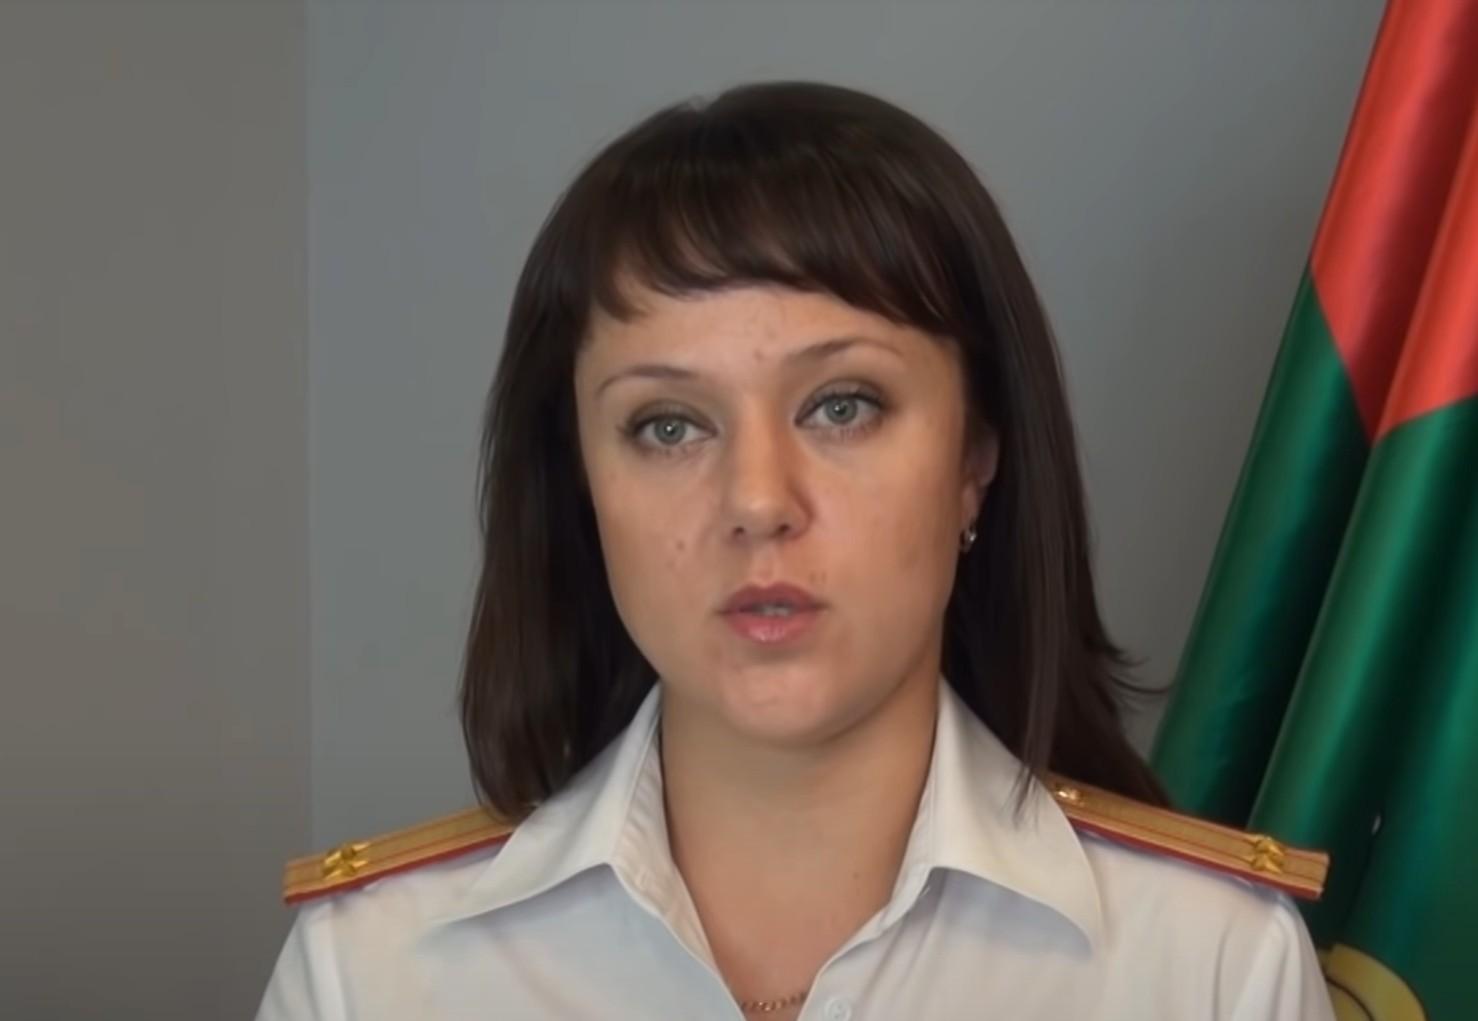 Жестокое убийство 17-летего студента из Волгограда - уроженцем Азербайджана